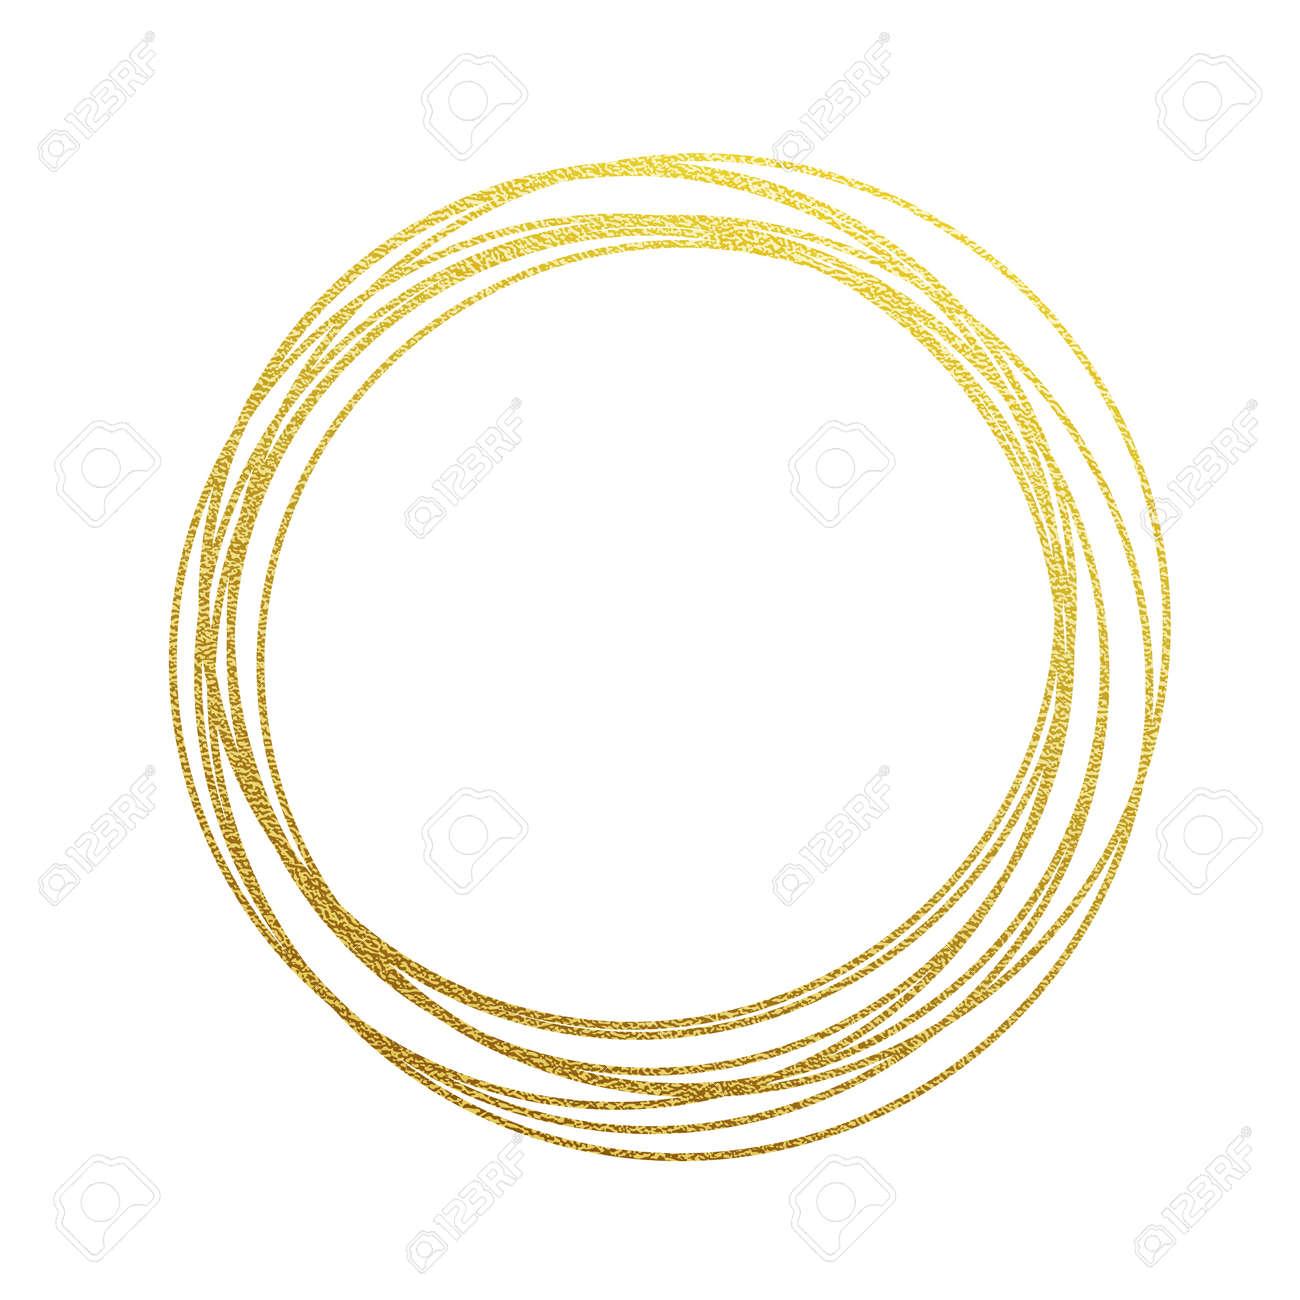 92ce90f0708b Los Círculos De Oro Y Anillos. Decoración Elemento De Diseño De La Textura  De La Hoja De Oro Dorado. Fondo Festivo De Año Nuevo Y Las Tarjetas De  Navidad ...